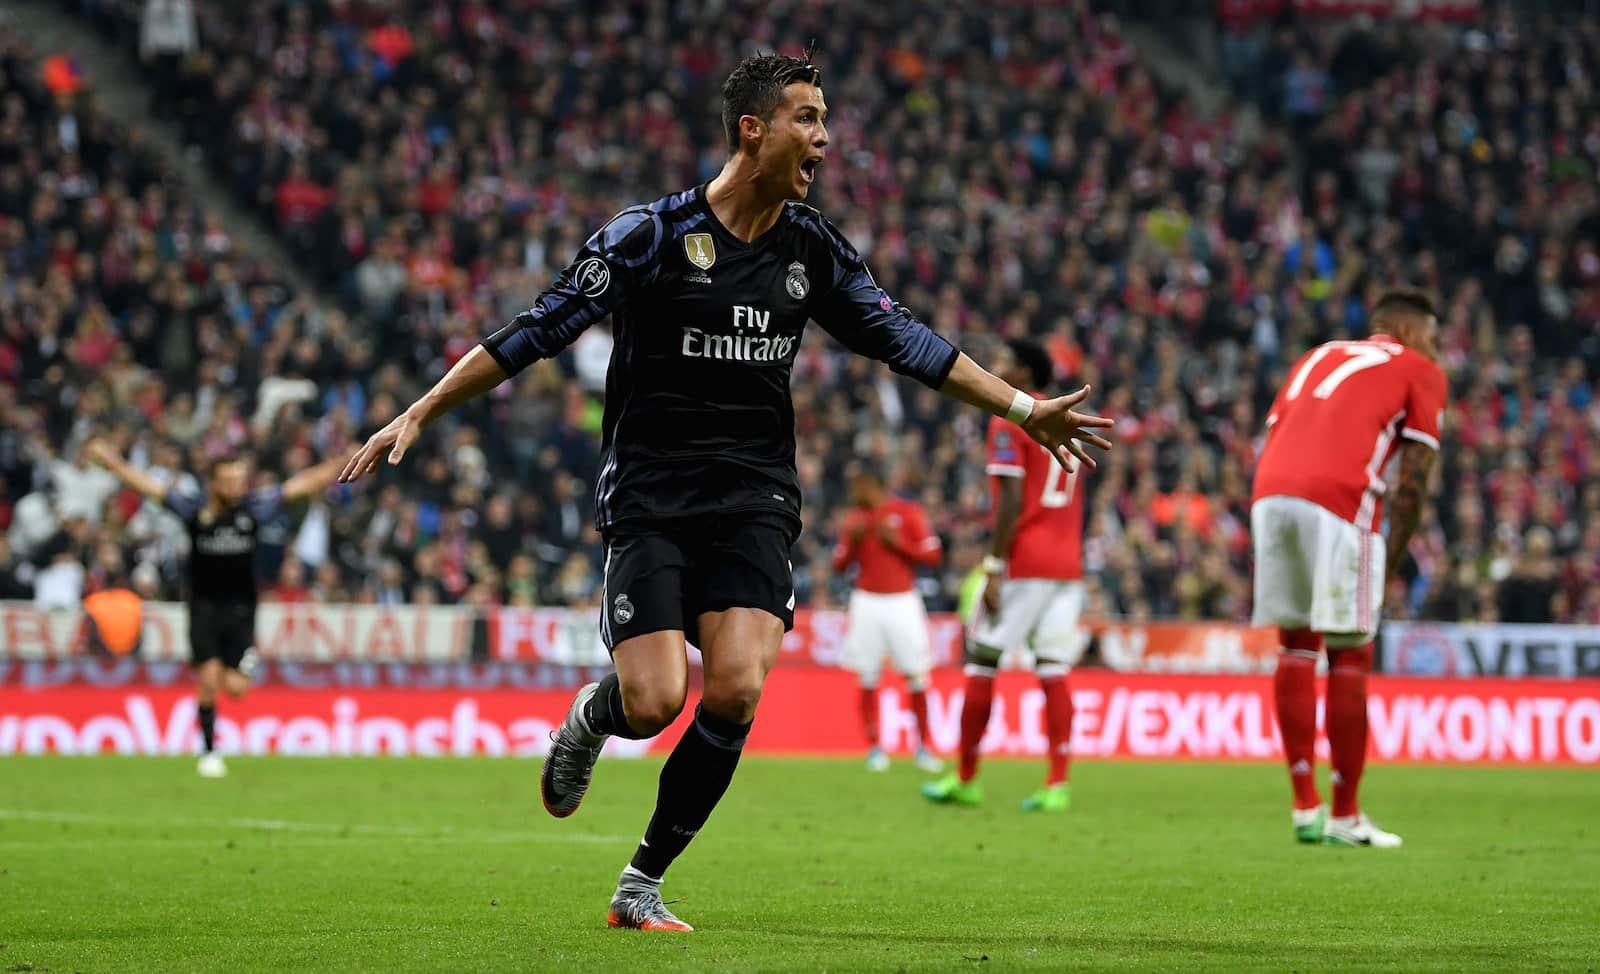 Матч Бавария Реал в 2017 году закончился победой гостей